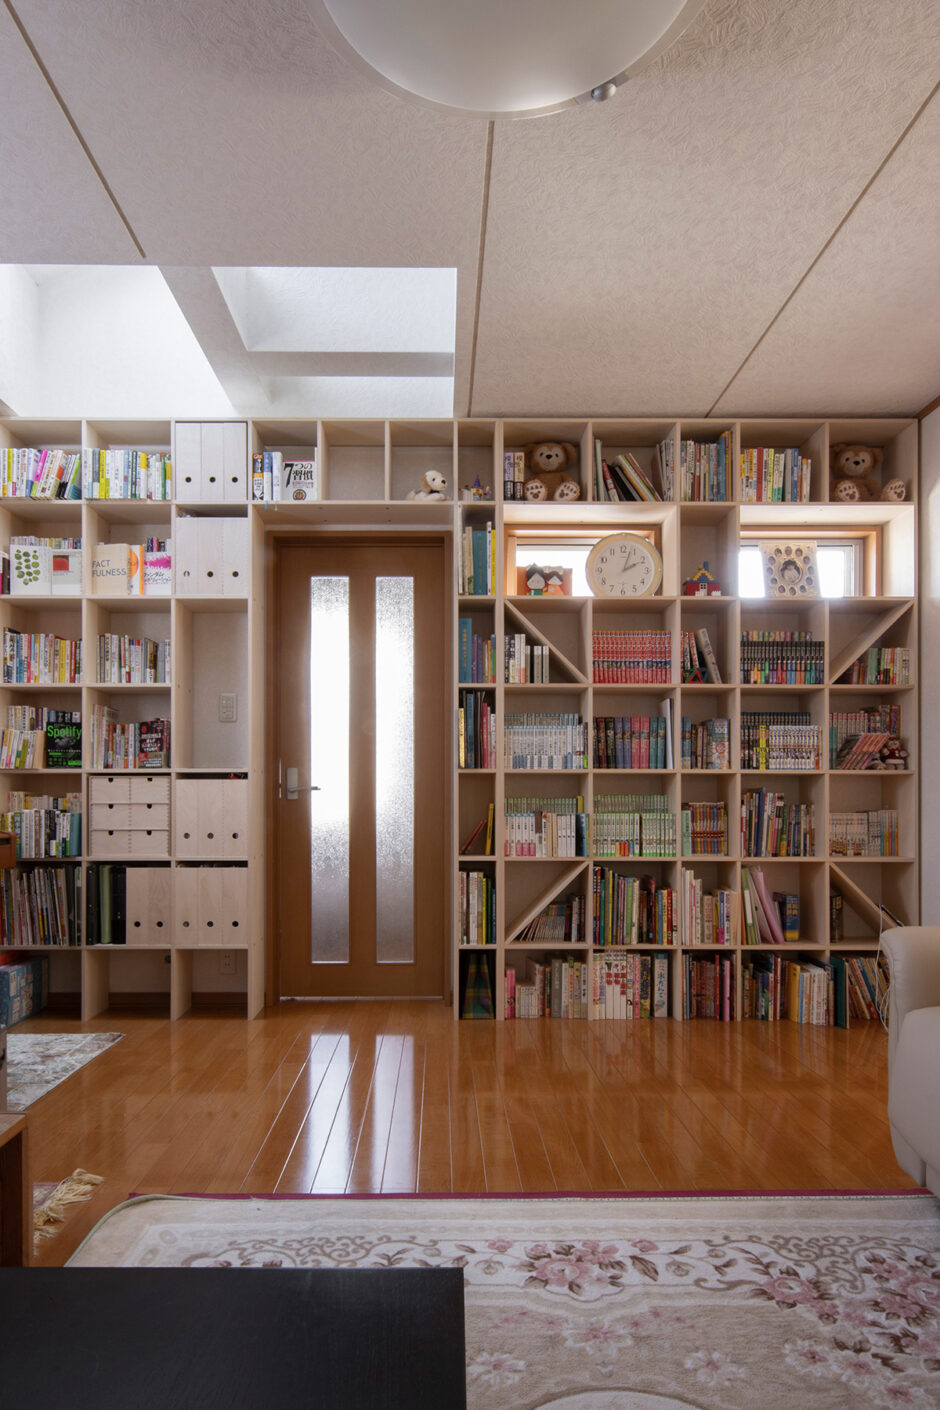 リビングのドアを切り抜く | 壁一面の本棚 奥行250mm / Shelf (No.84) | マルゲリータ使用例